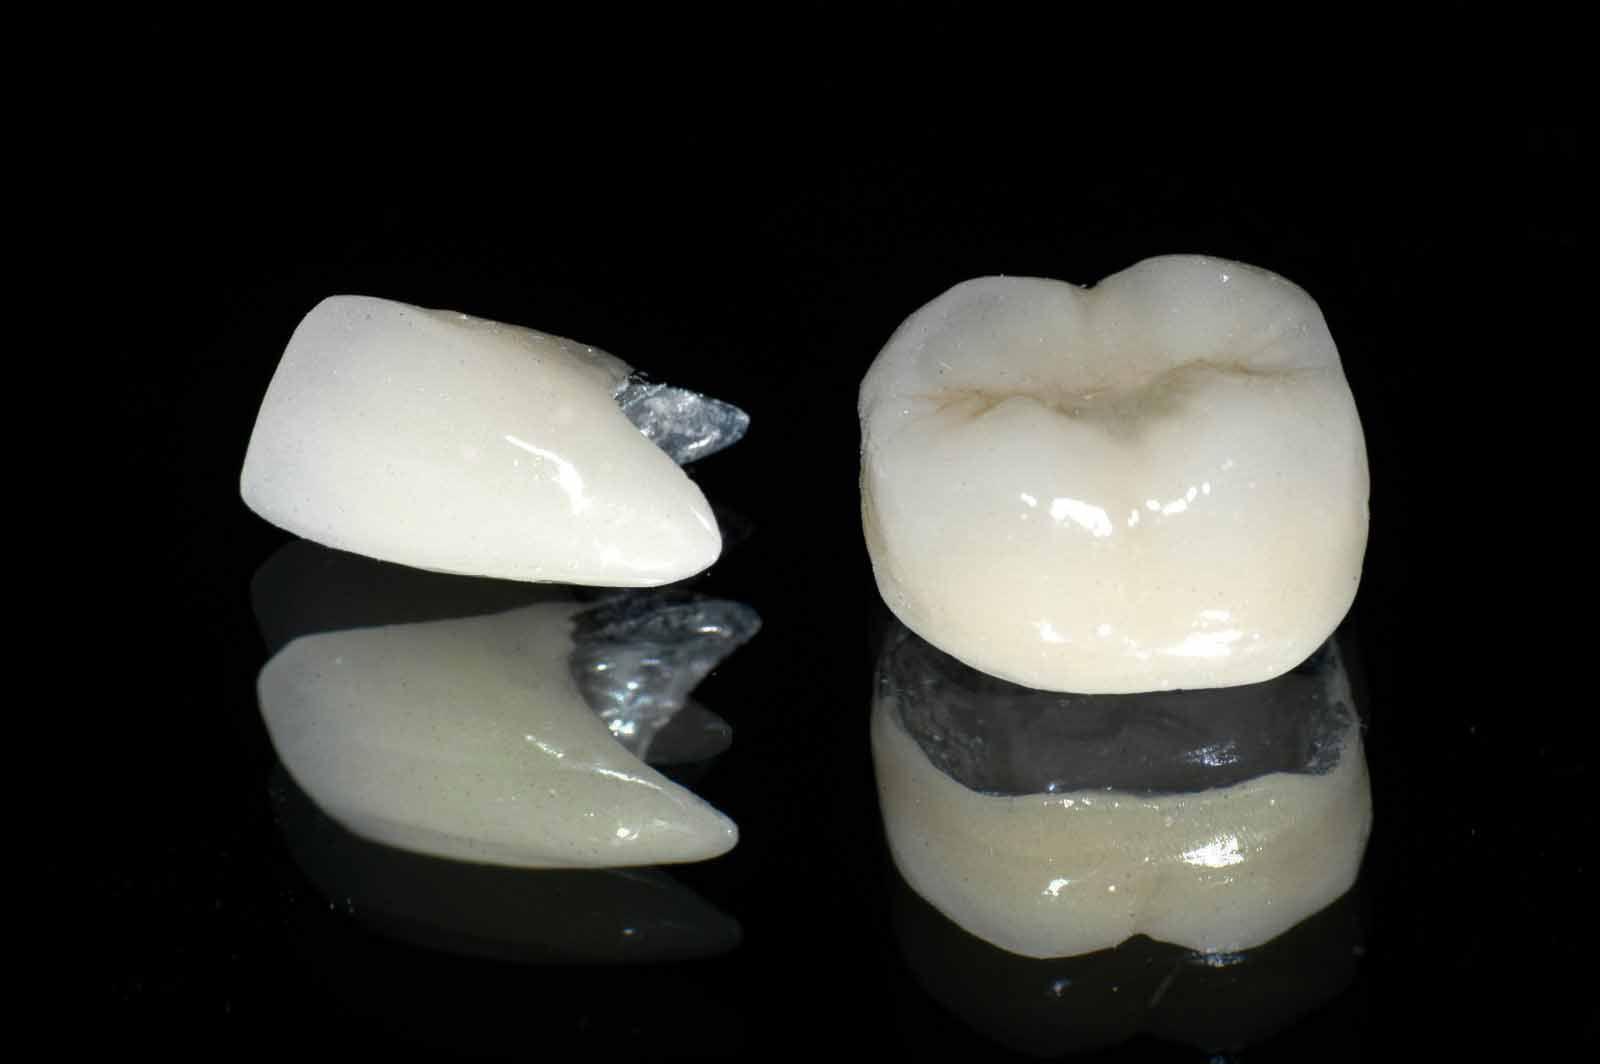 Răng sứ Ziconia Venus có đắt không? 2